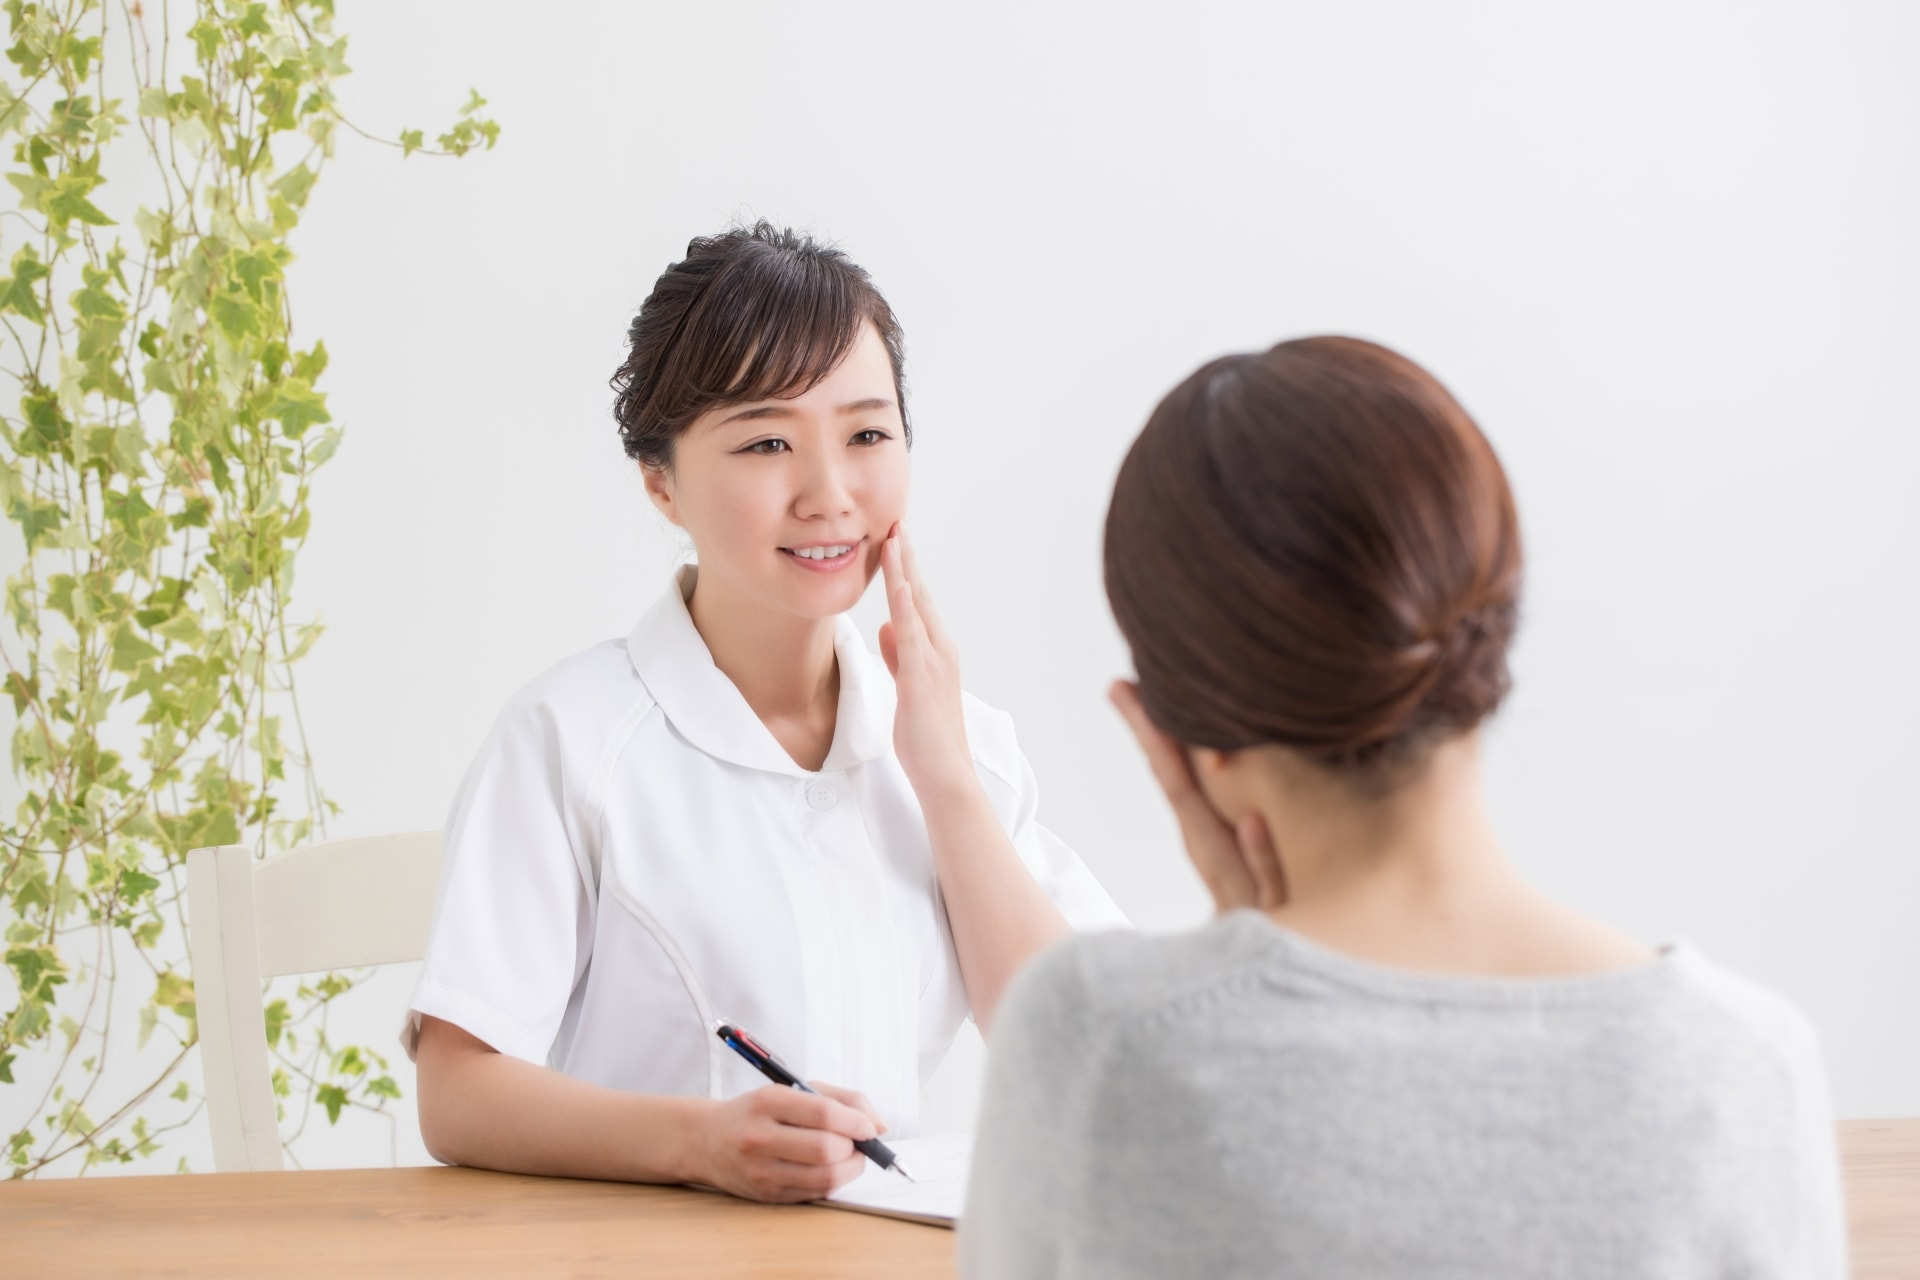 肝斑はレーザー治療で悪化するの?シミにおすすめの治療法